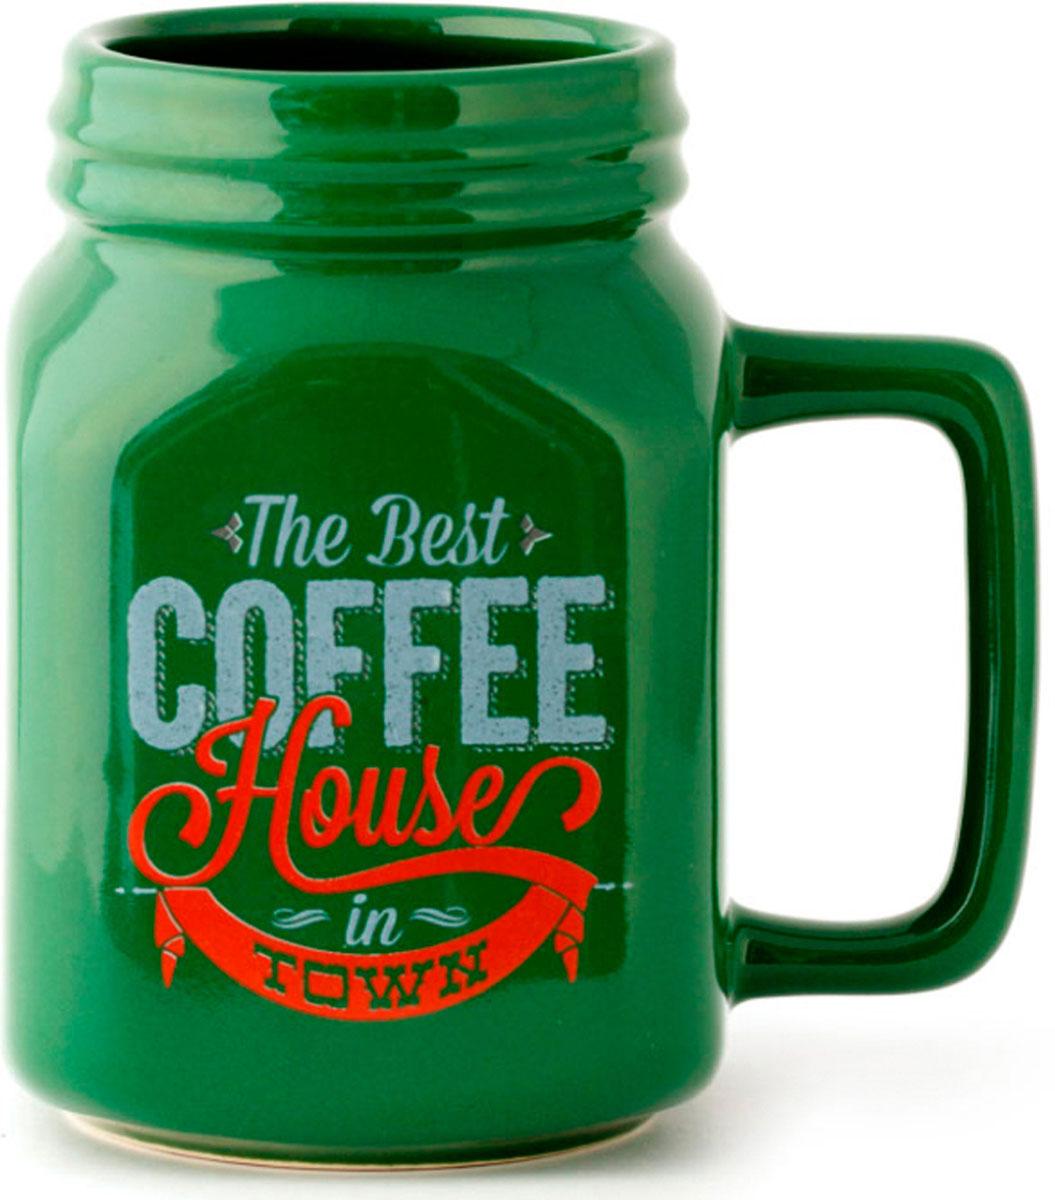 Кружка Balvi Mason, цвет: зеленый, 400 мл. 2621626216У многих людей день начинается с чашки бодрящего кофе, поэтому оригинальная и необычная кружка Mason станет хорошим подарком себе или близкому человеку. Принт напоминает банку молотого кофе, что подчеркивает любовь к этому напитку. А большой объем порадует тех, кто не привык наслаждаться кофе маленькими порциями.- Запоминающееся оформление в соответствии со стилем любого кофемана.- Большой объем - 400 мл.- Прочная керамика, надолго сохраняющая тепло согретого напитка.